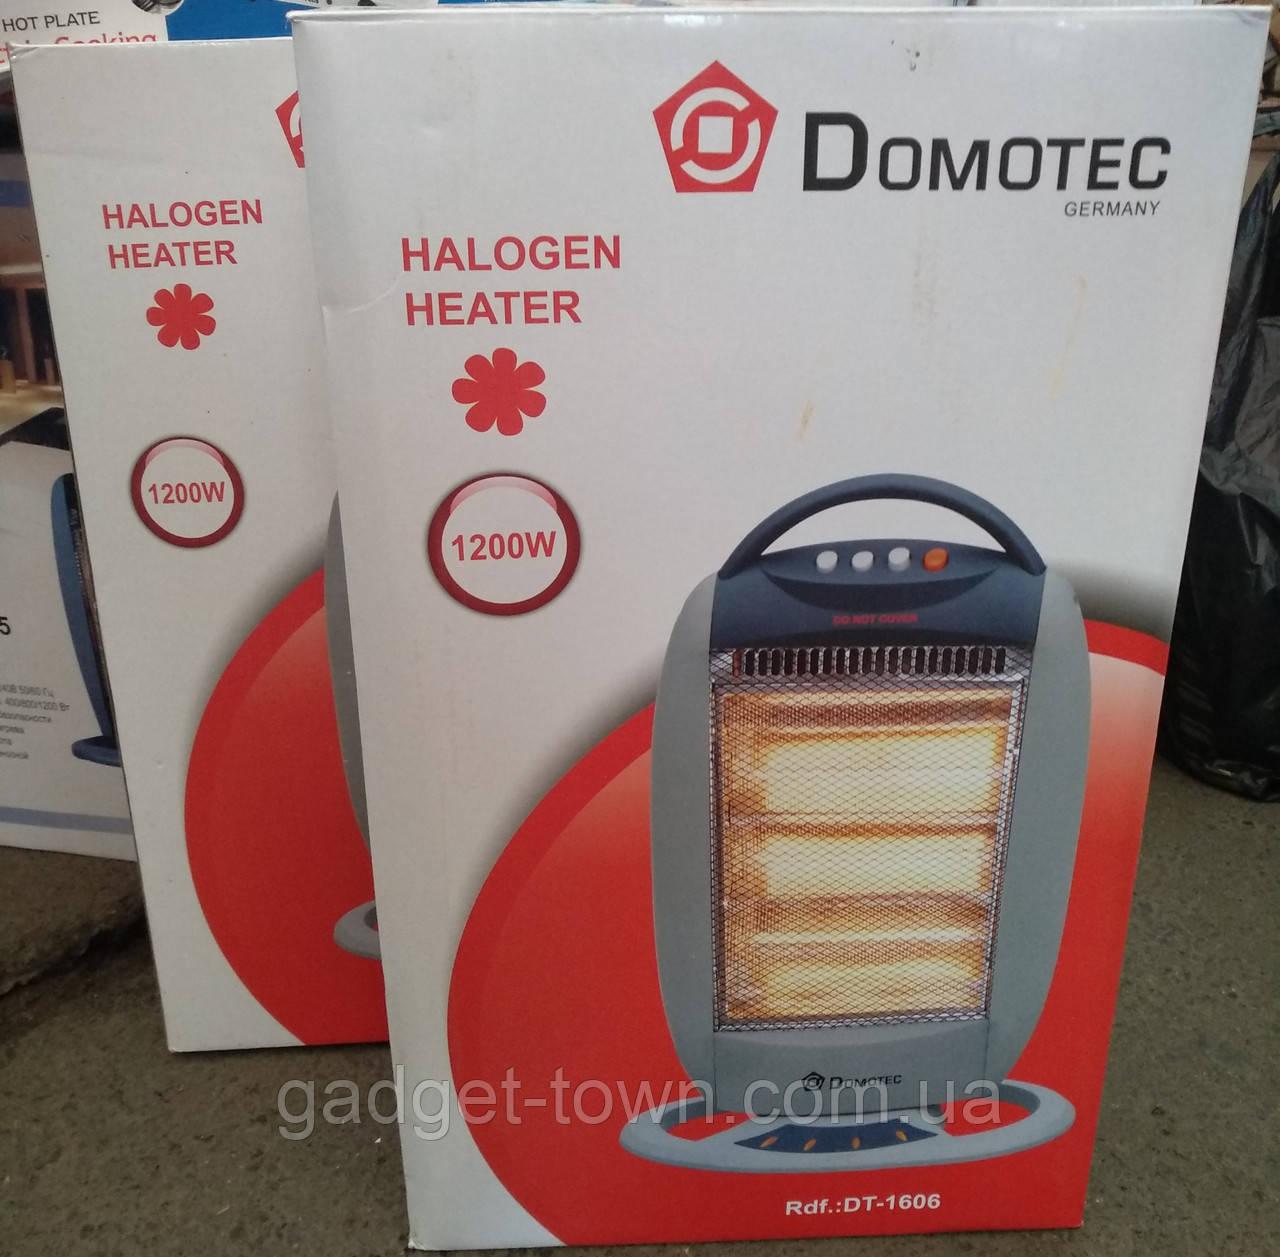 Инфракрасный обогреватель Domotec DT-1606 1200W